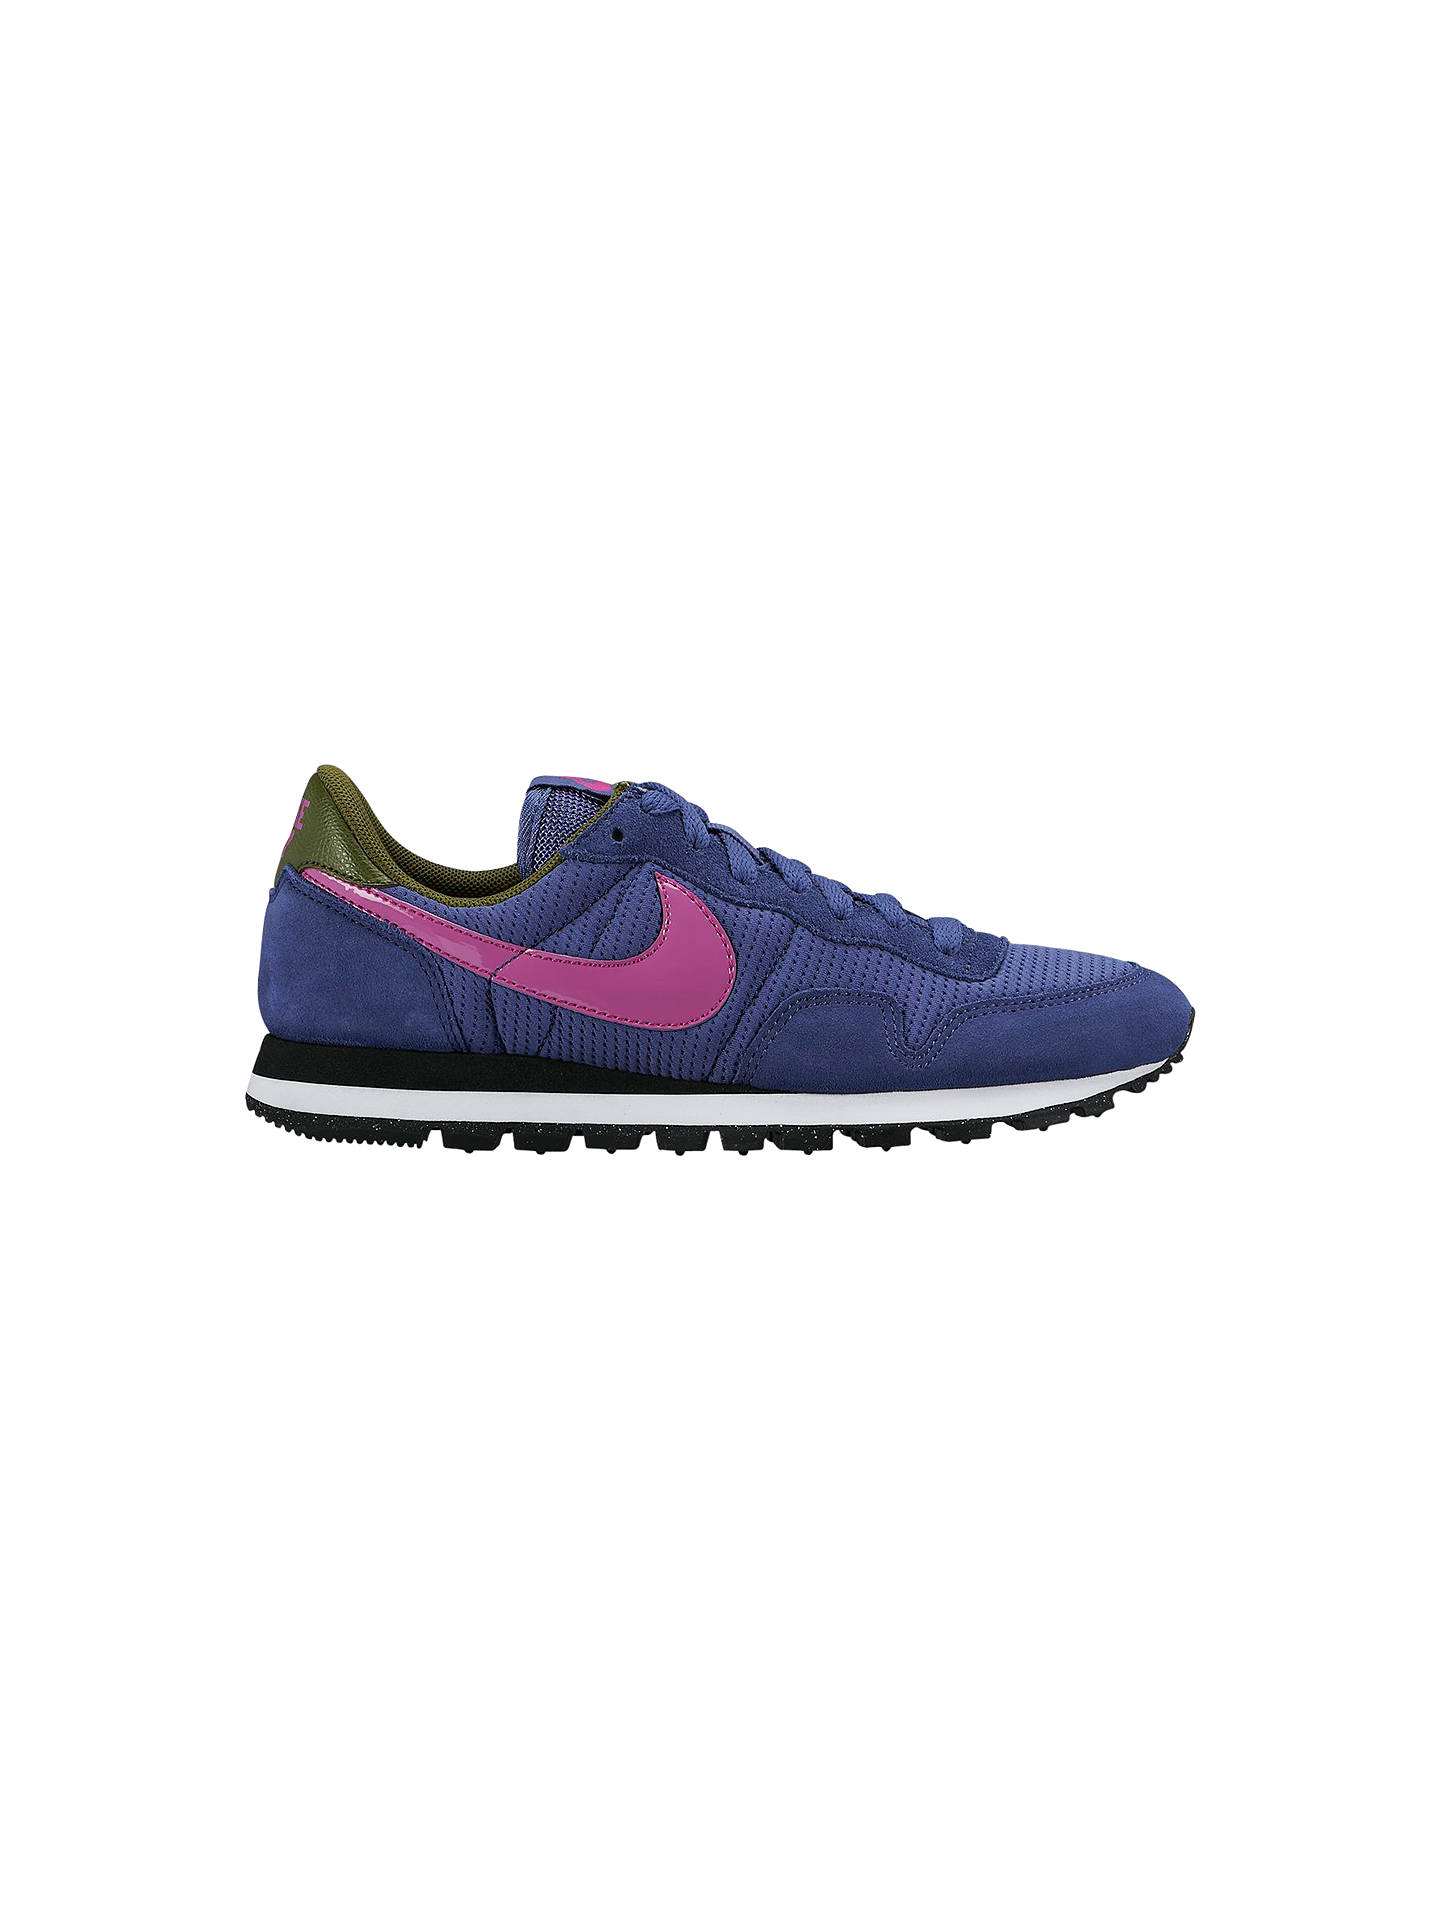 online retailer bea16 6cd80 Buy Nike Air Pegasus 83 Women s Running Shoes, Purple Pink, 4 Online at ...